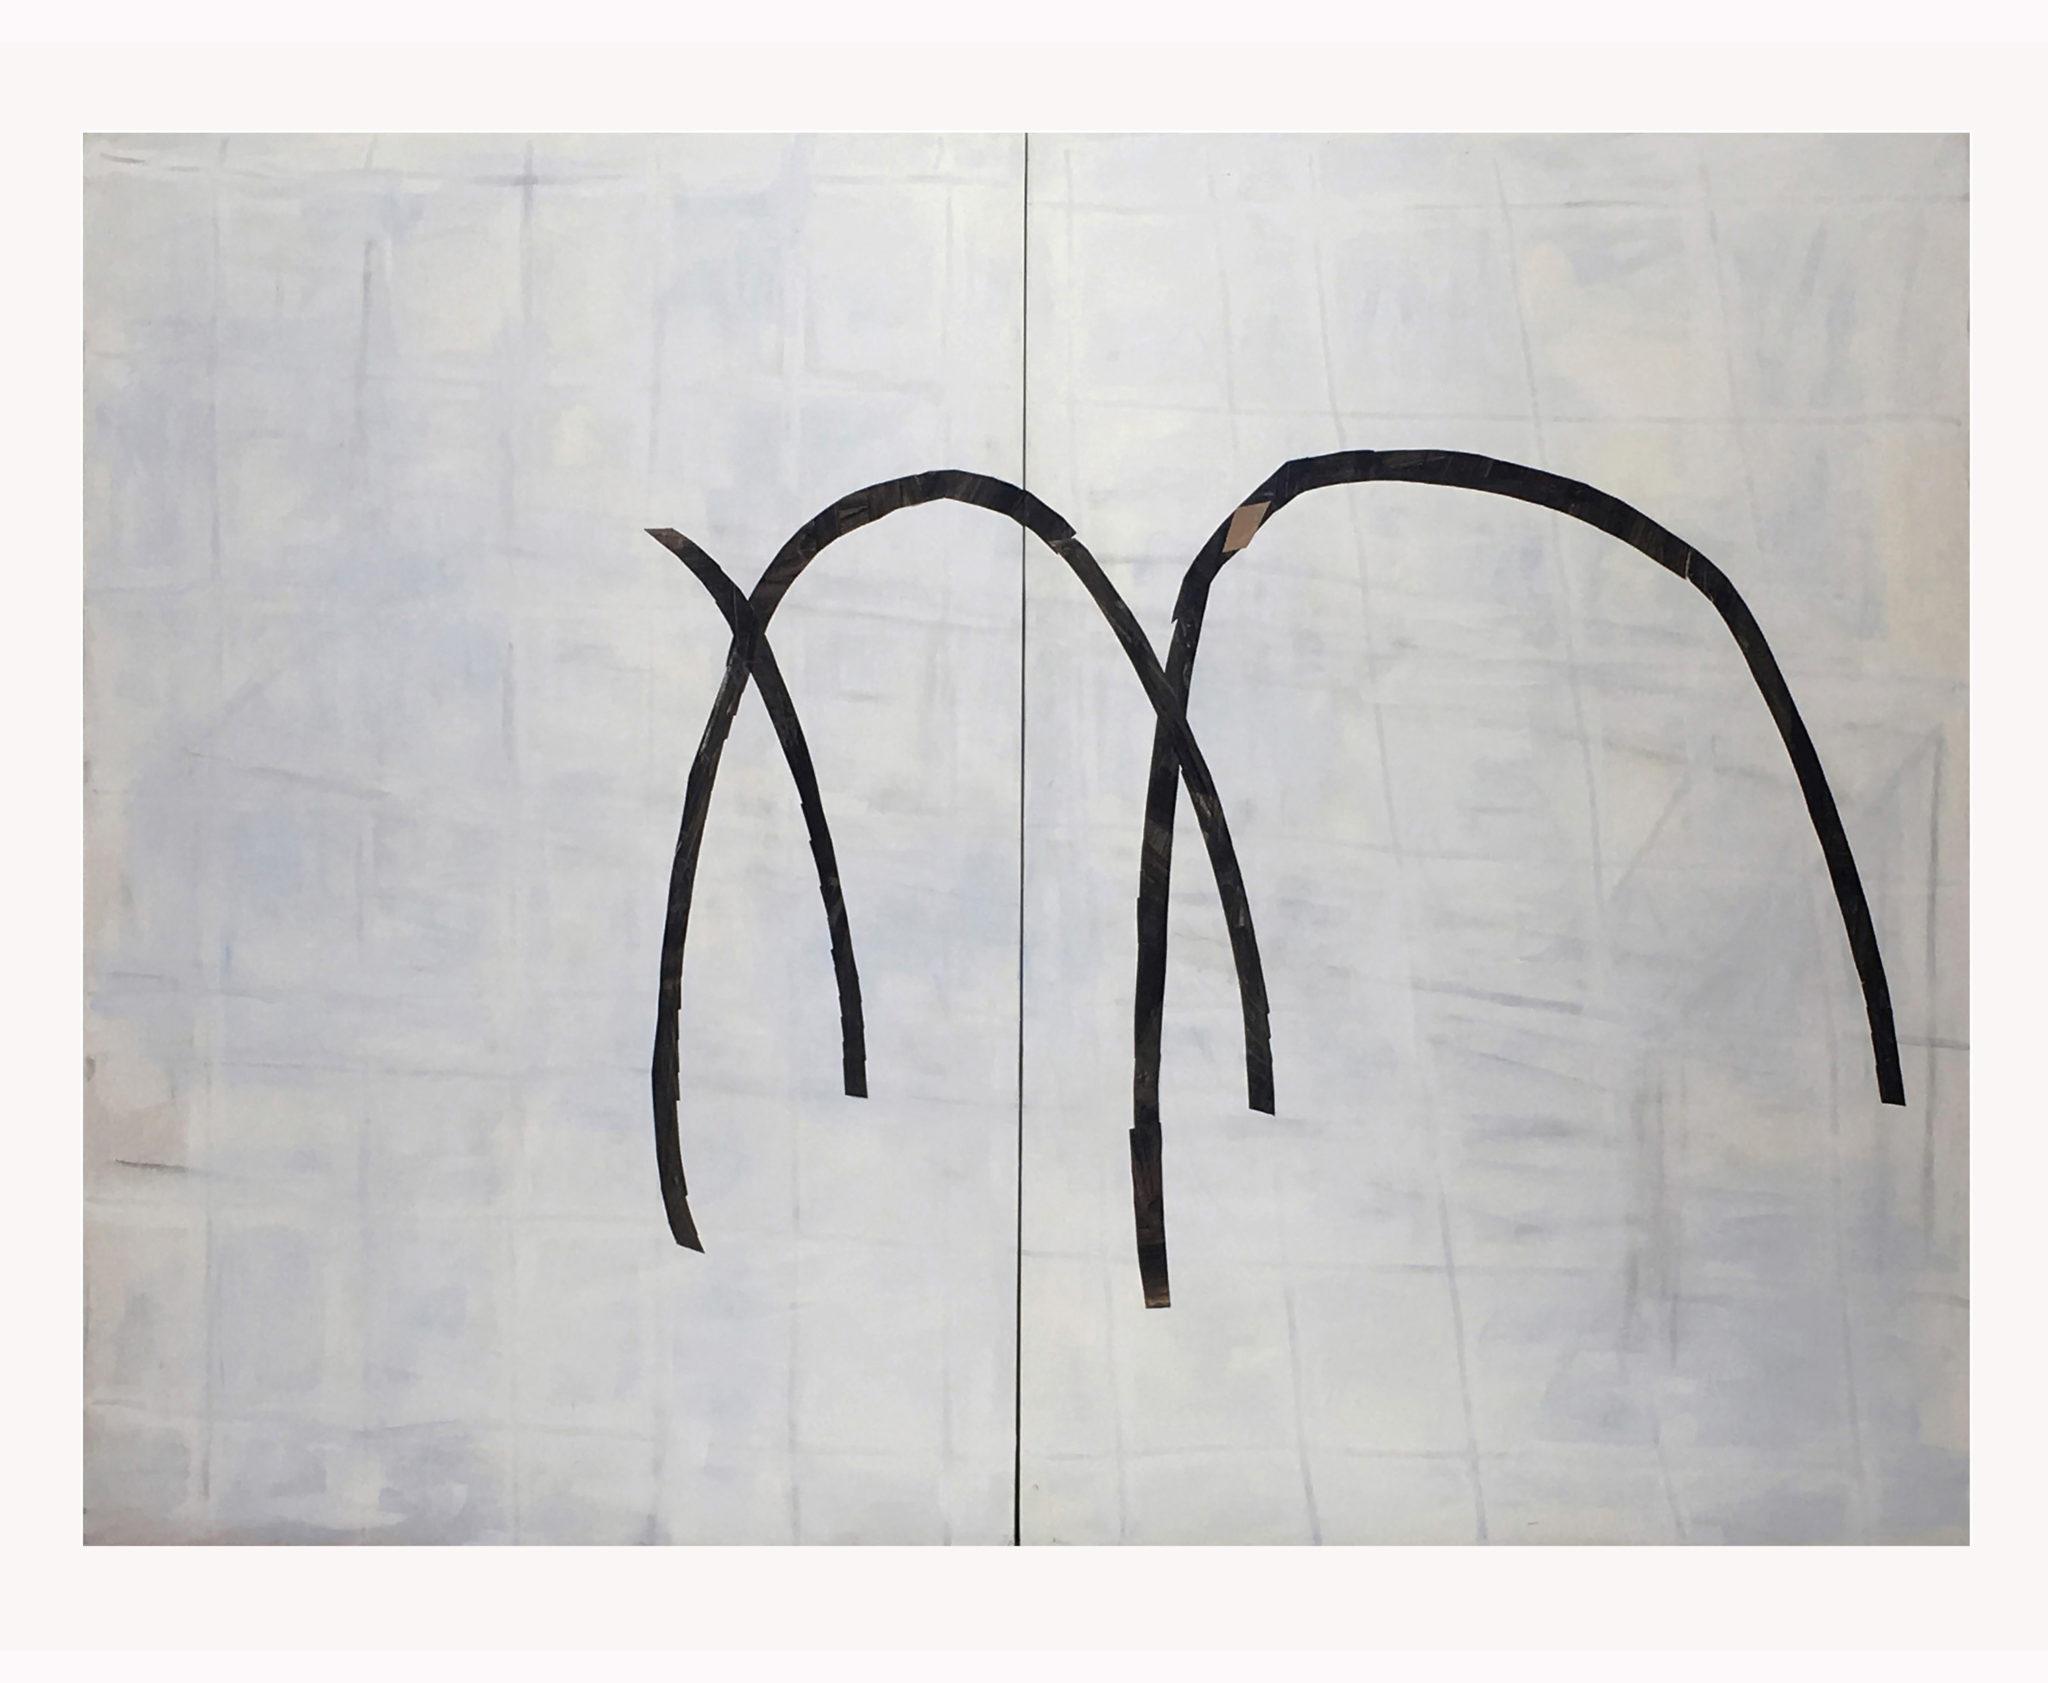 Marie Claude Bugeaud, galerie Berthet-Aittouarès, 01-sans titre-2018,diptyque,acryl et papiers collés sur toile,195x260cm